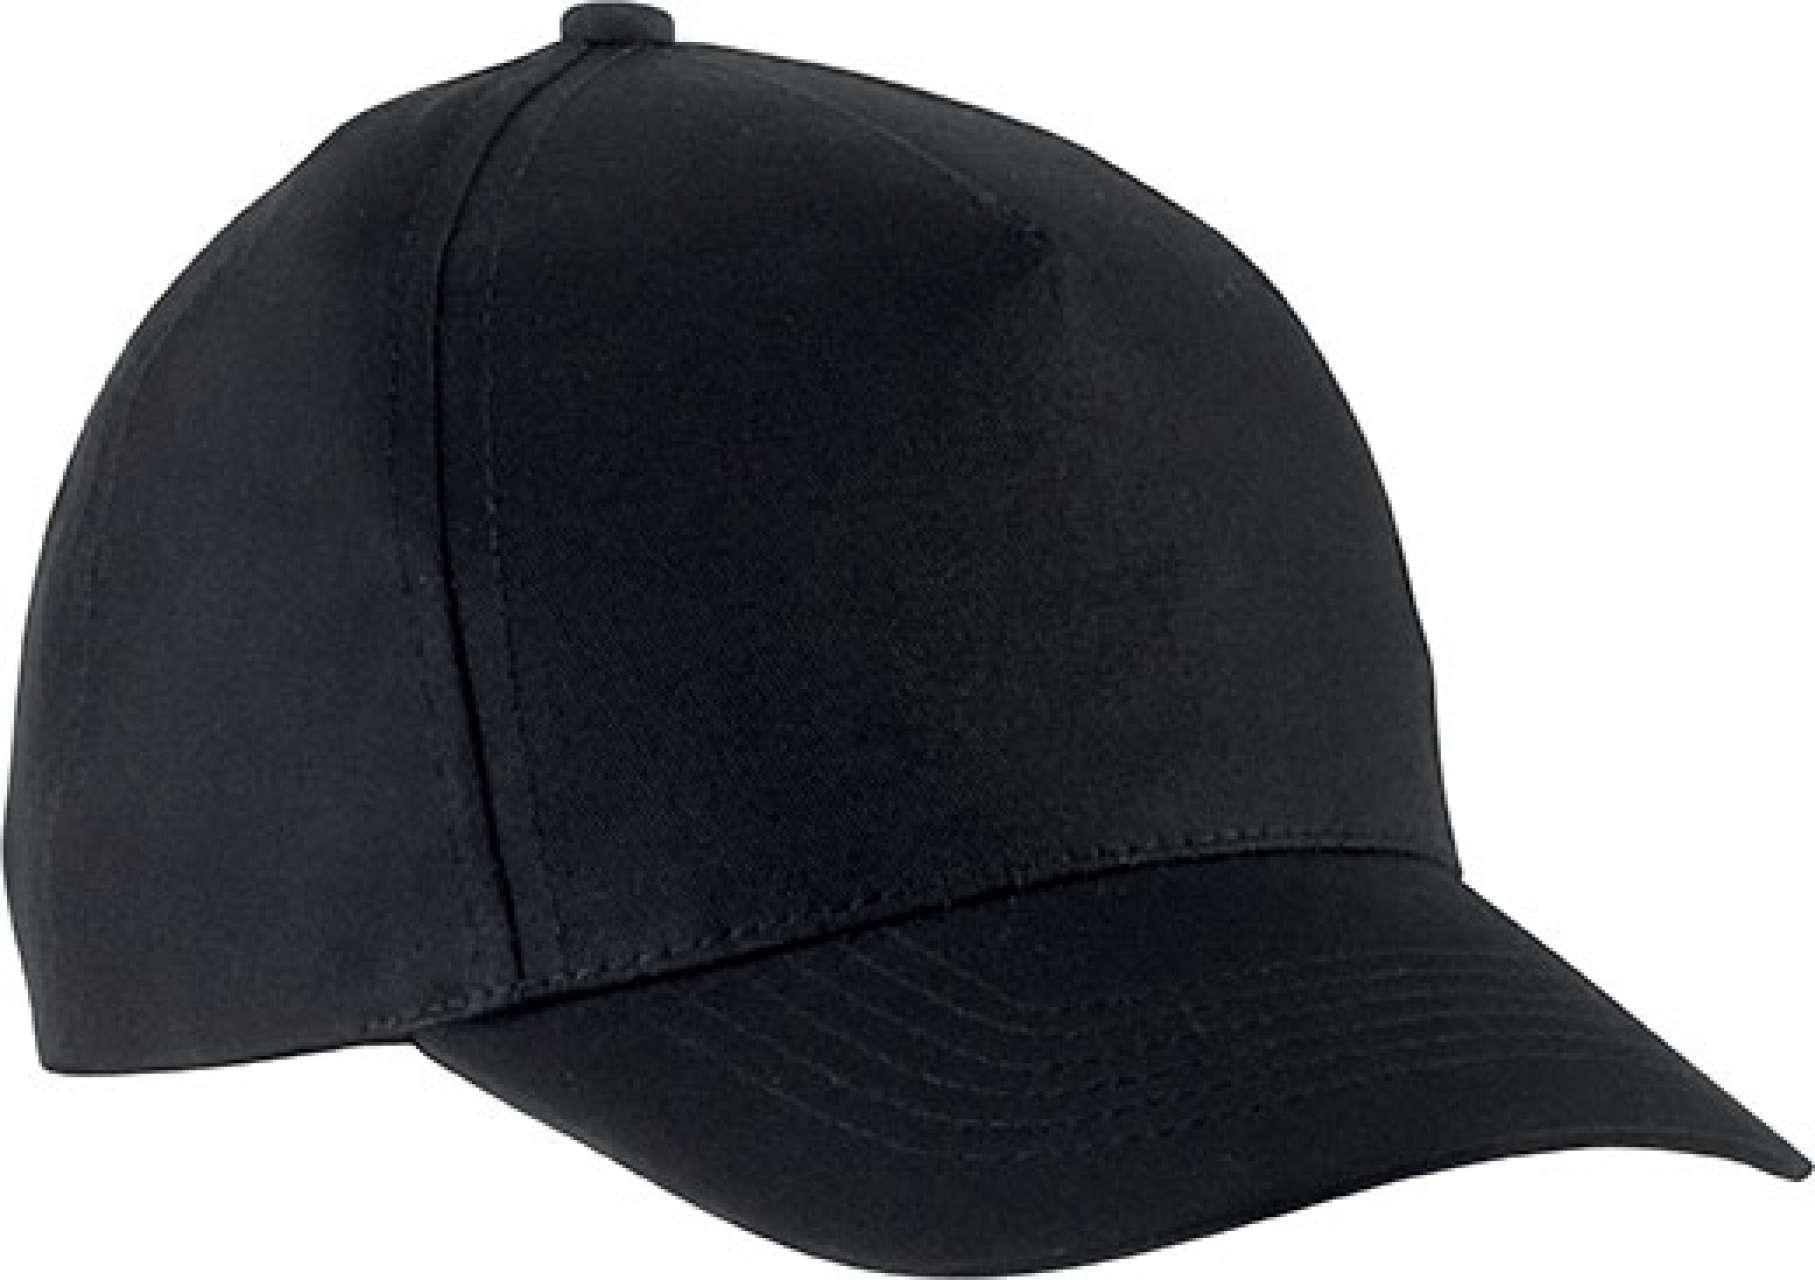 KIDS' COTTON CAP - 5 PANELS